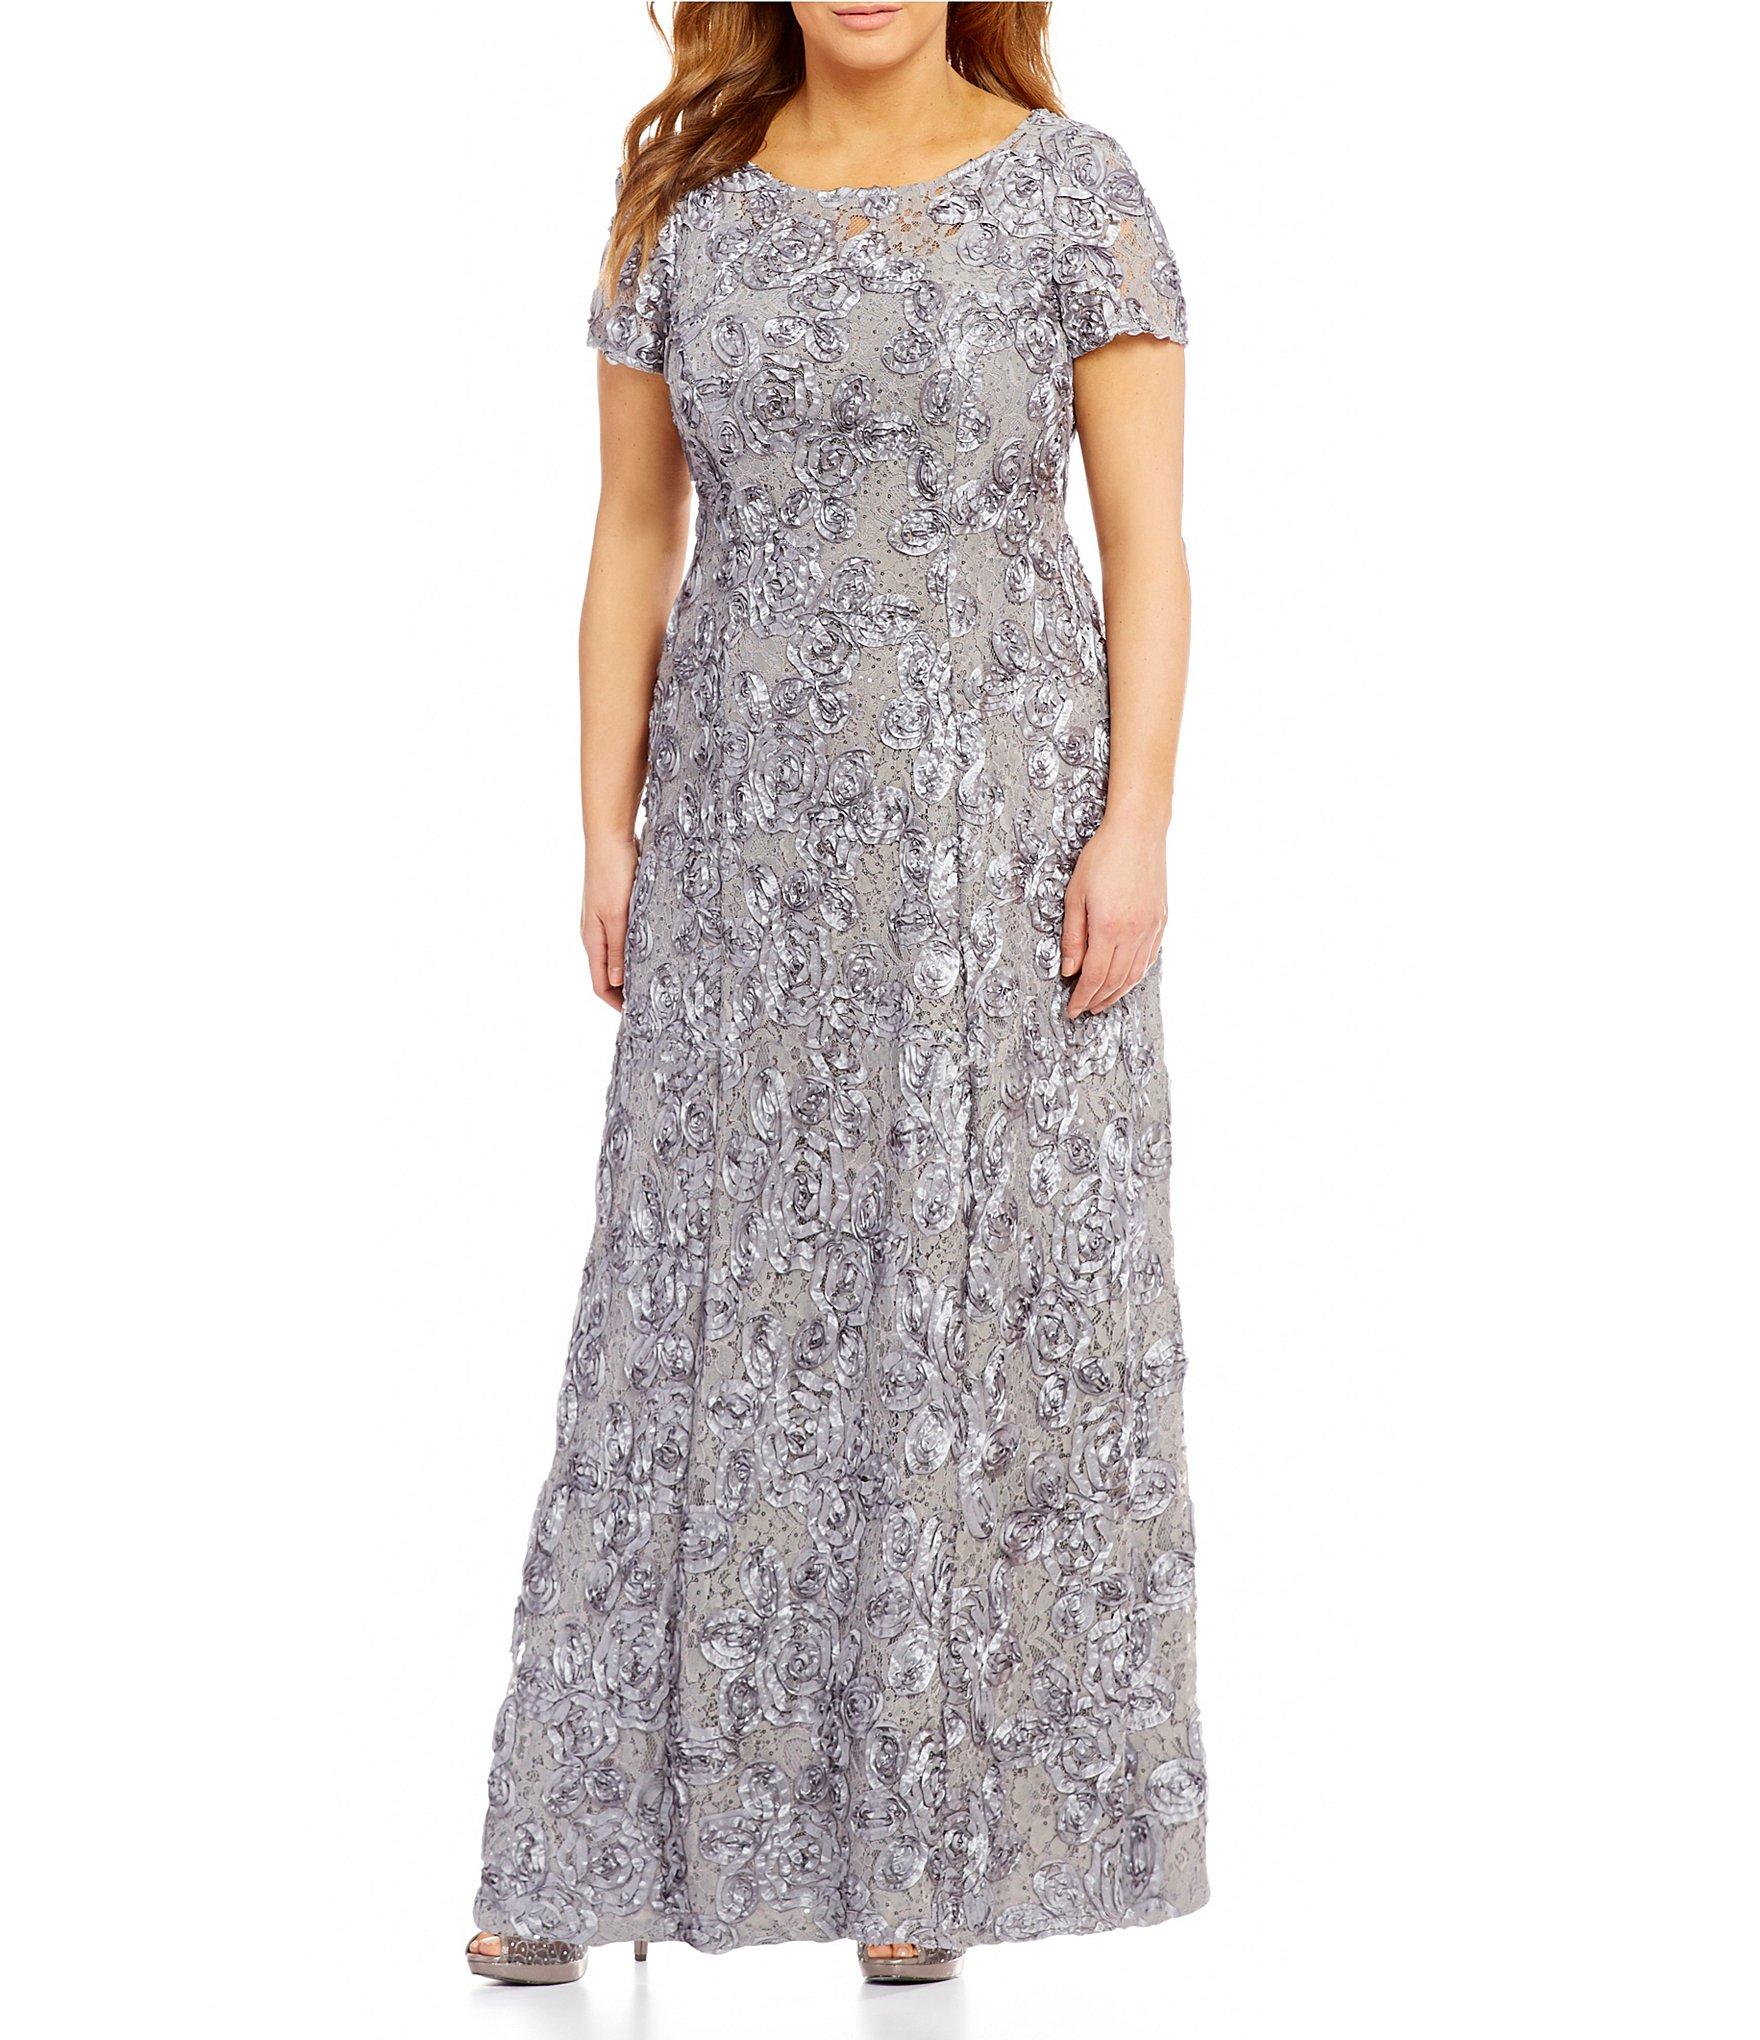 nordstroms plus size evening dresses photo - 1